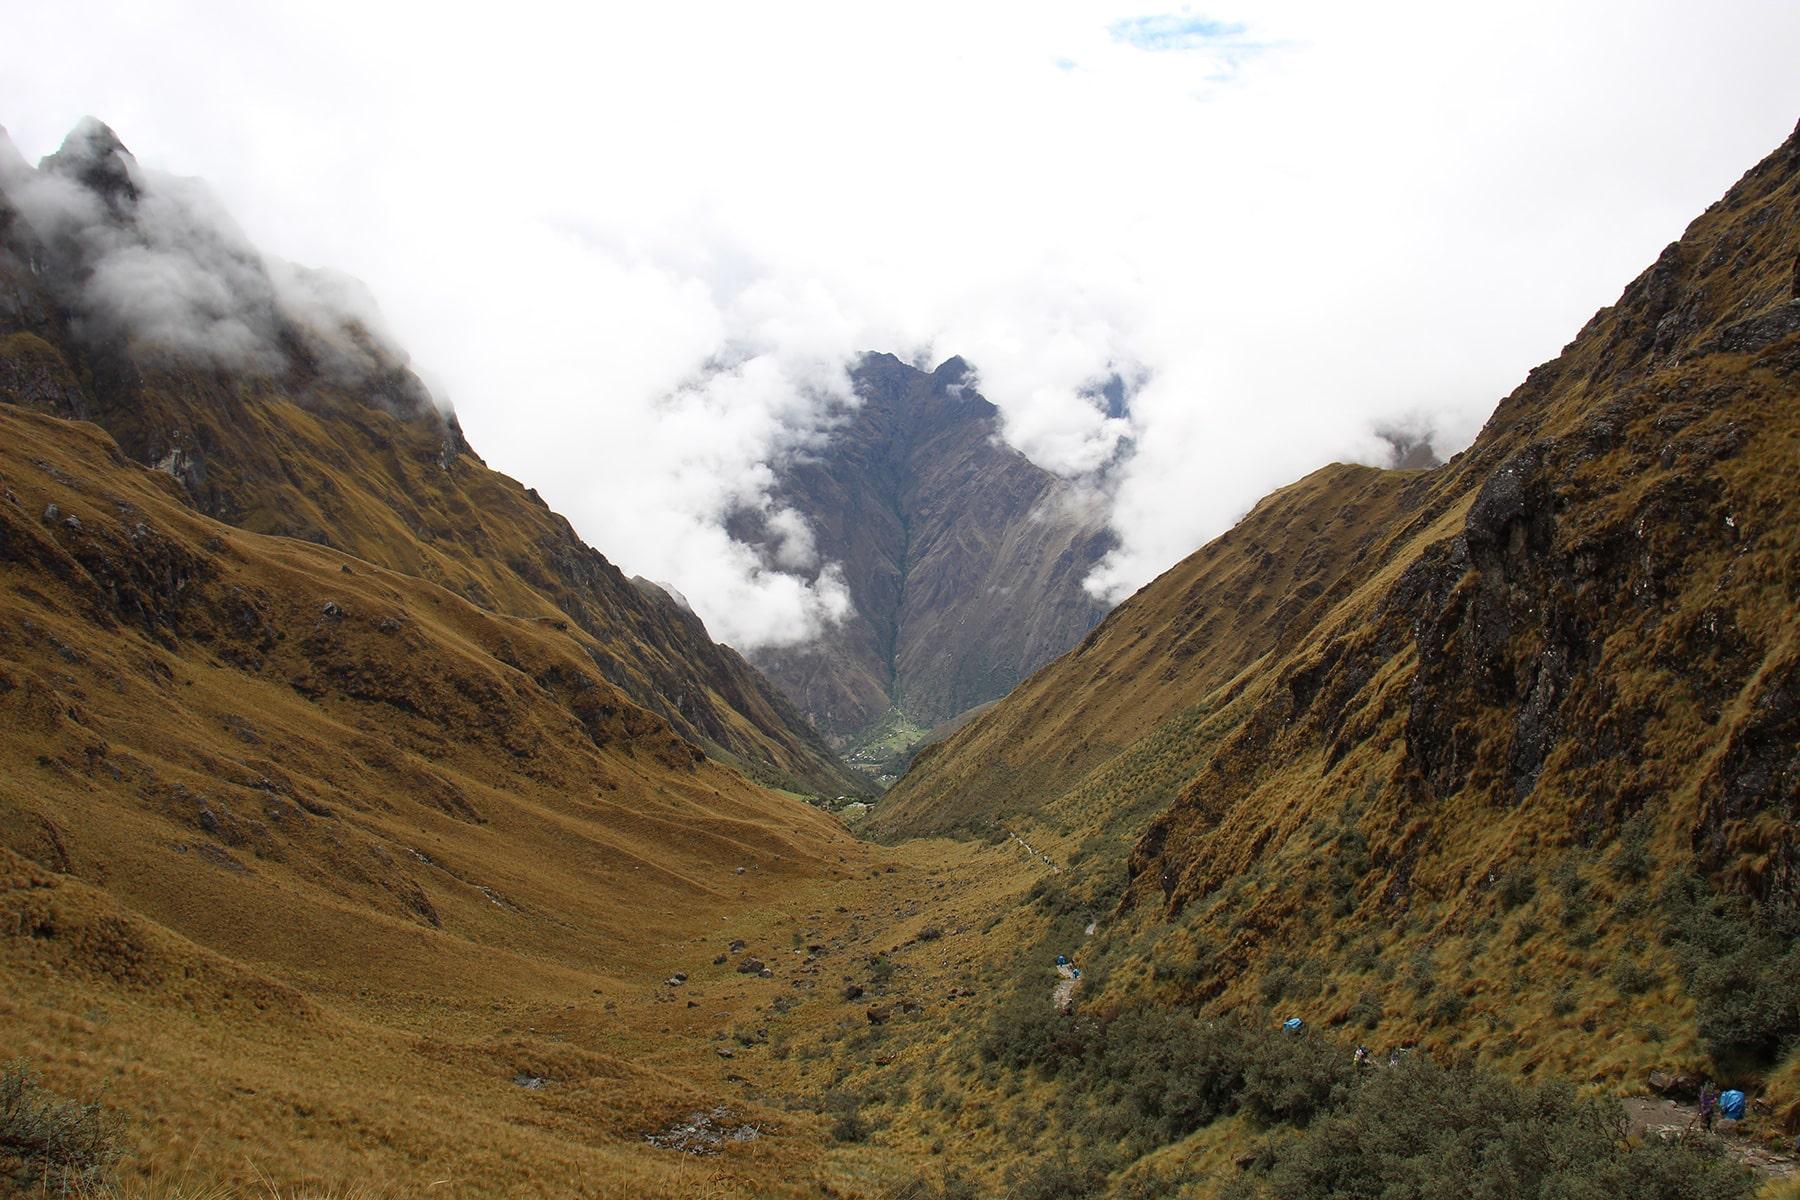 La valle nel passo del Dead Woman's pass e il sentiero inca trail